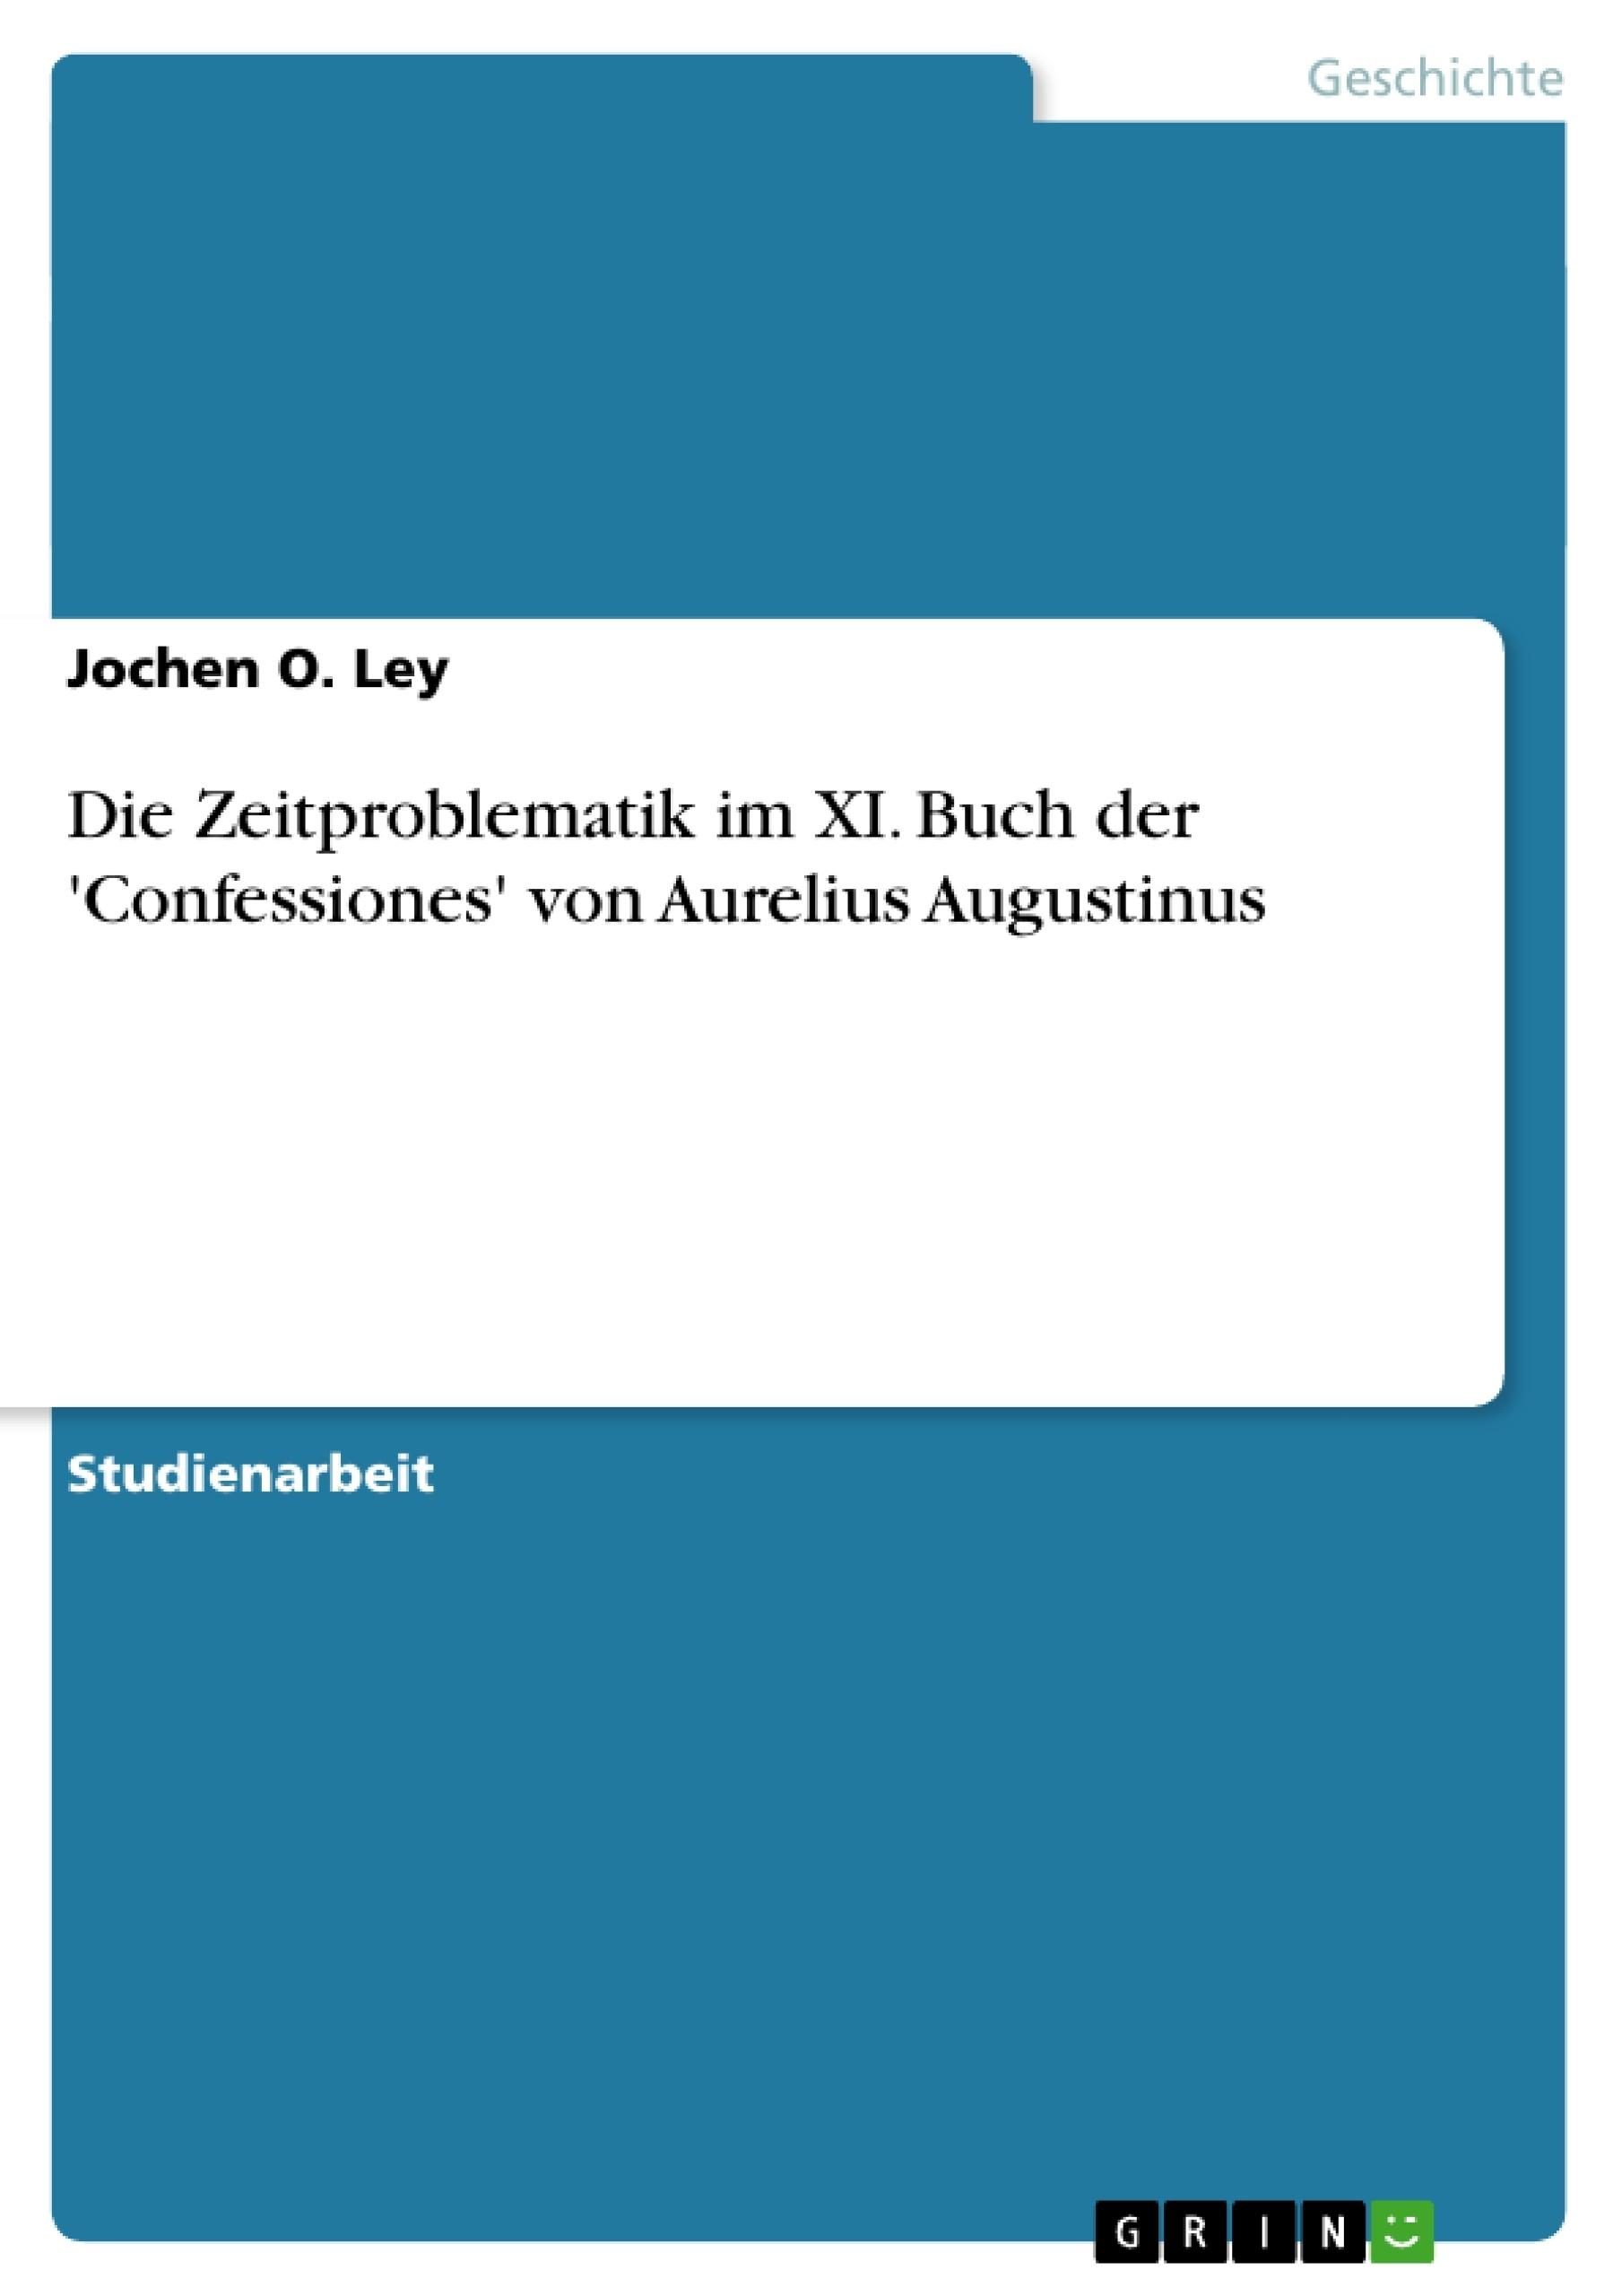 Titel: Die Zeitproblematik im XI. Buch der 'Confessiones' von Aurelius Augustinus